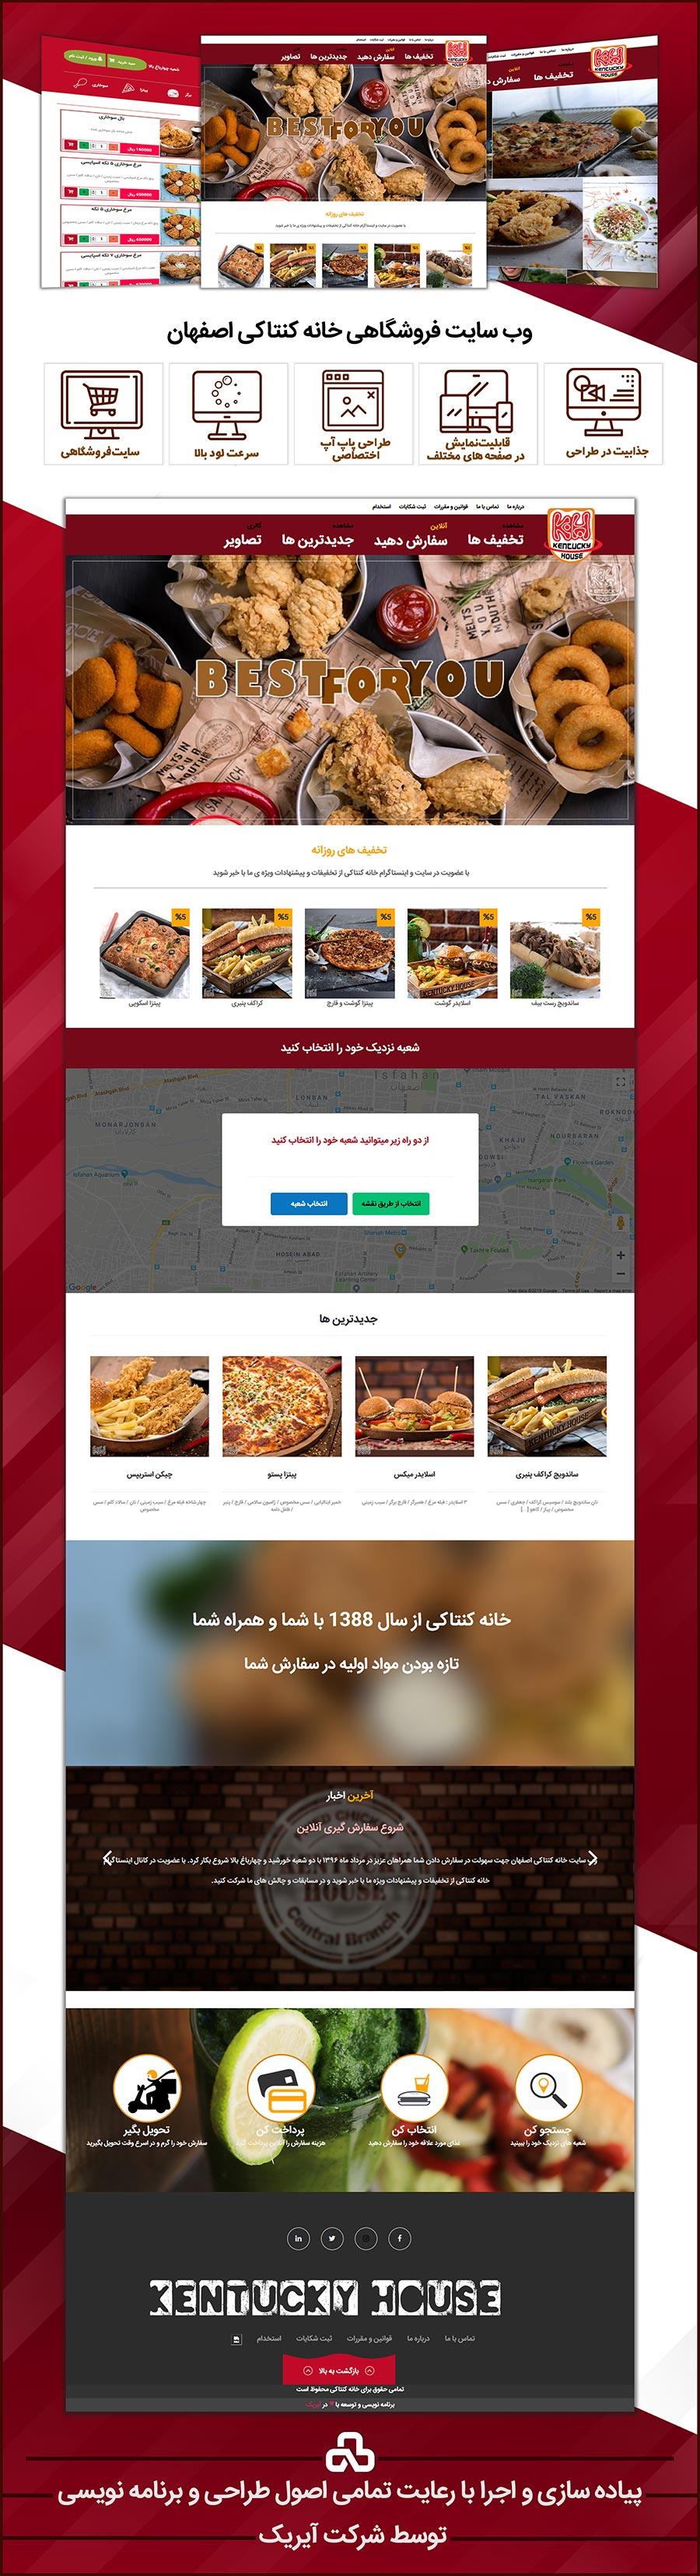 وب سایت فروشگاهی خانه کنتاکی اصفهان